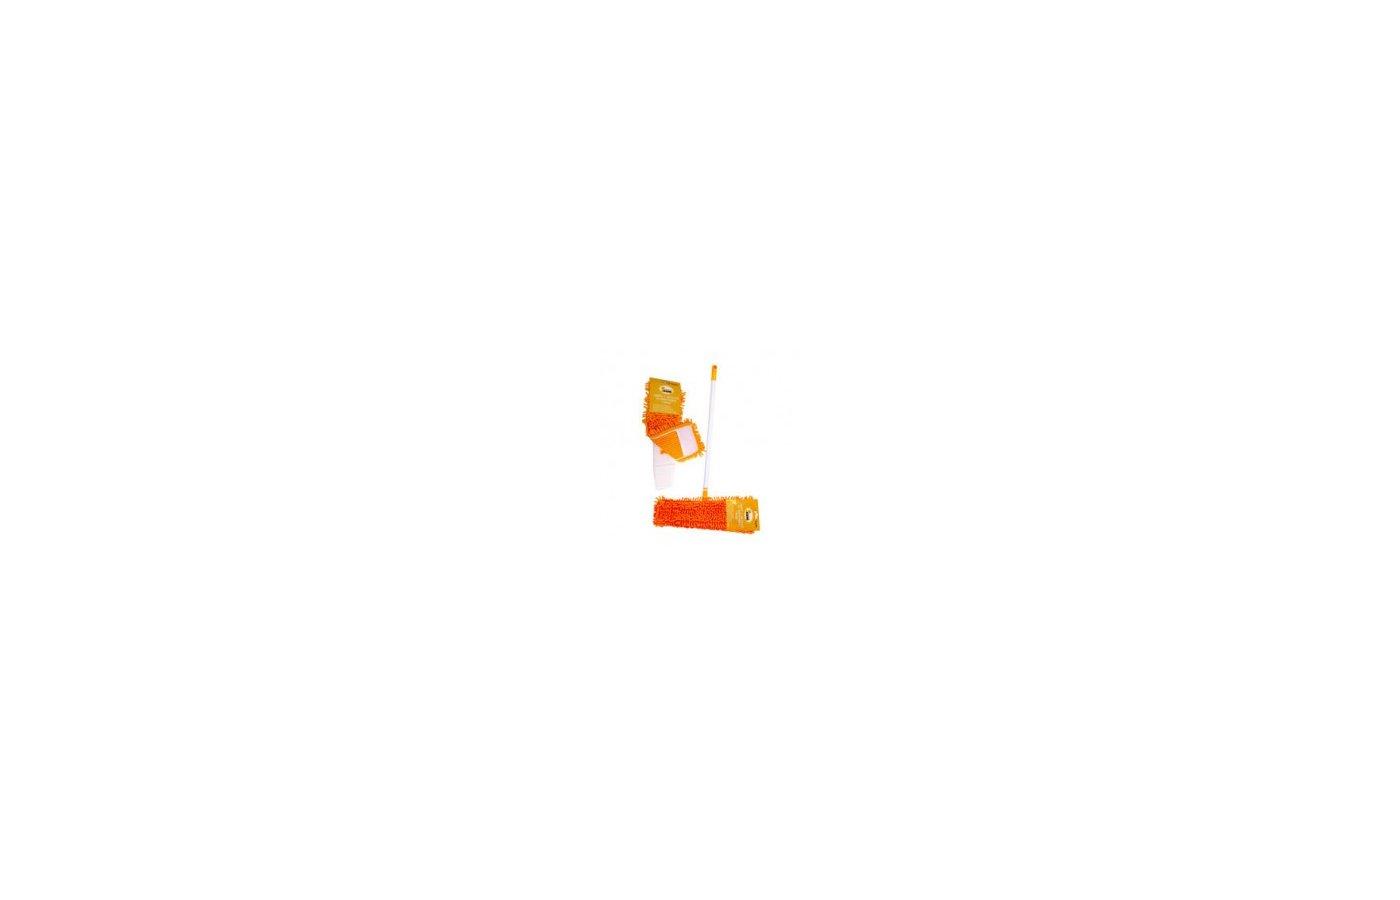 Инвентарь для уборки РЫЖИЙ КОТ MopM4 Швабра для пола с насадкой из микрофибры Лапша р-р рам:97х395см р-р нас.: 14х44см